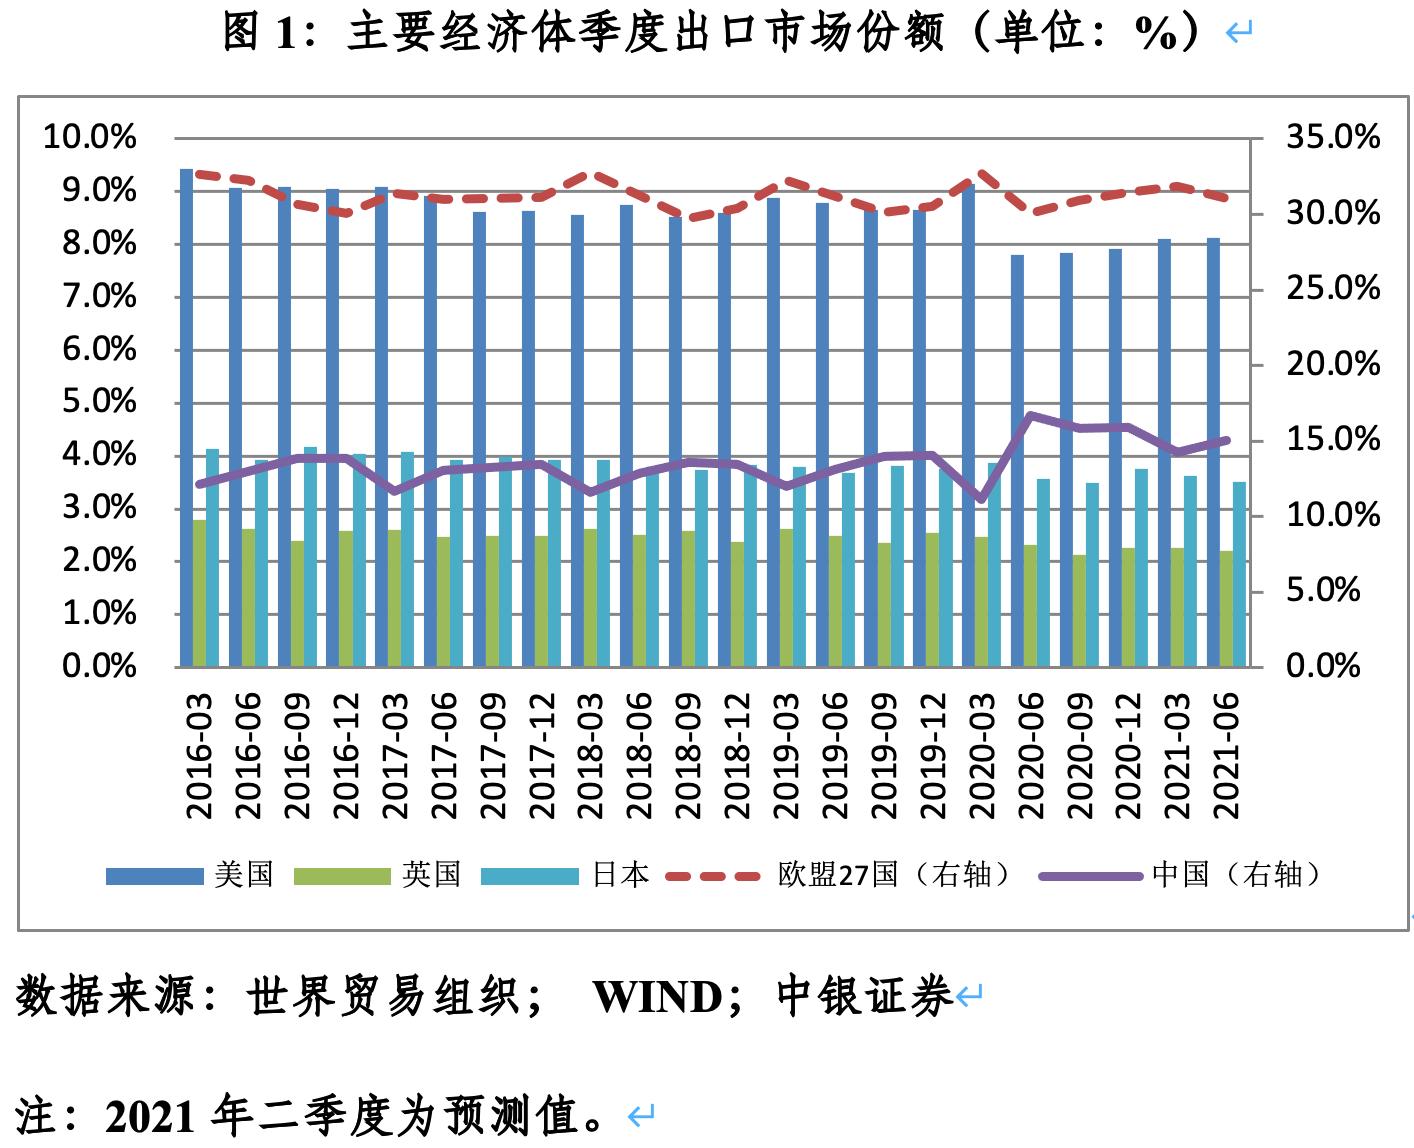 管涛:中国出口还能有多少惊喜丨汇海观涛